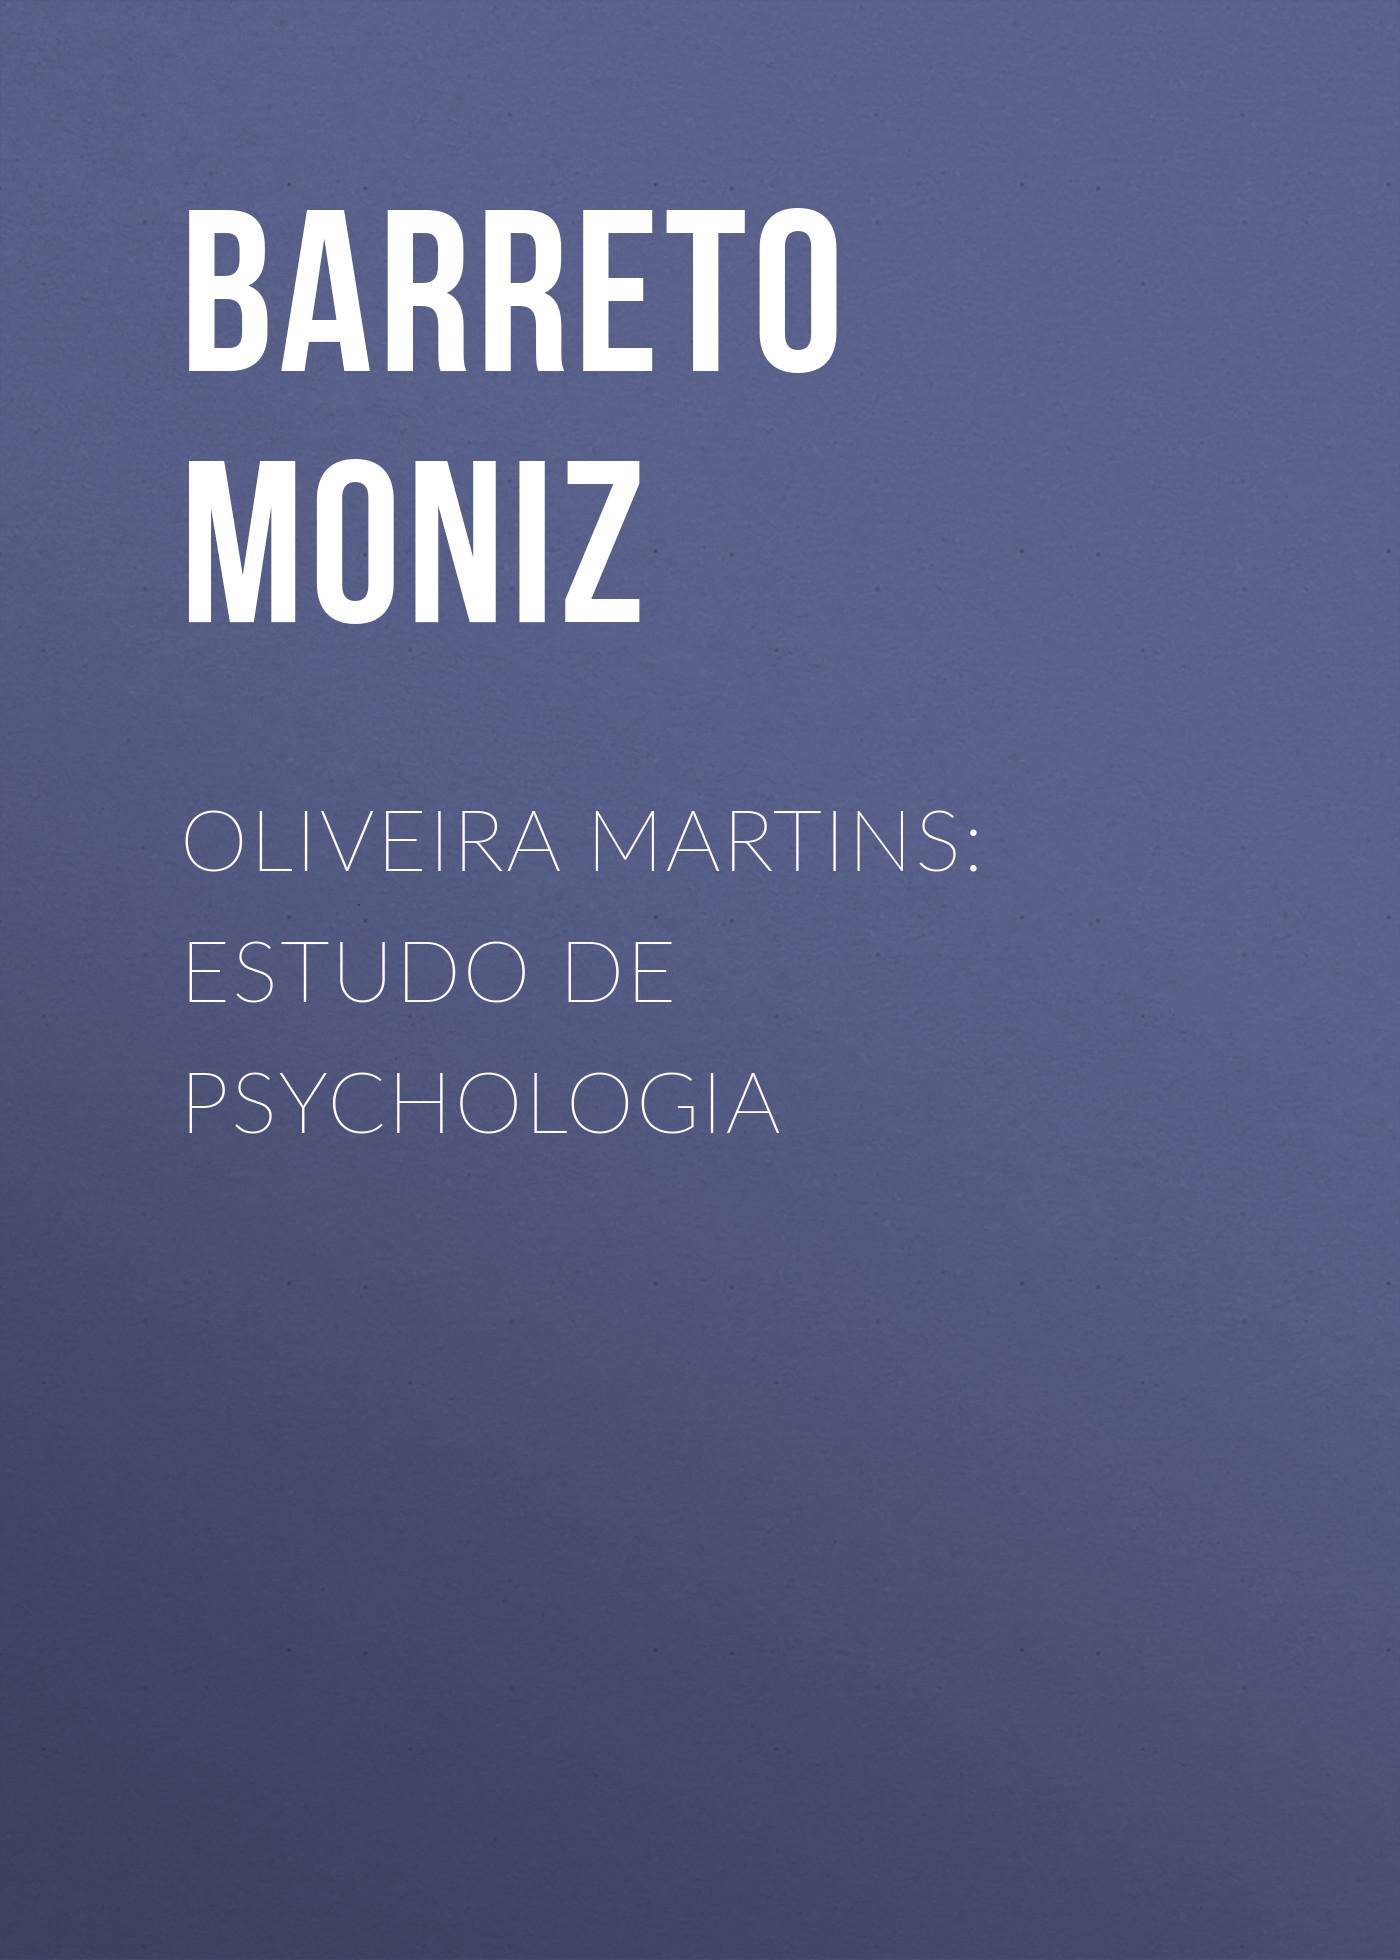 Barreto Moniz Oliveira Martins: Estudo de Psychologia